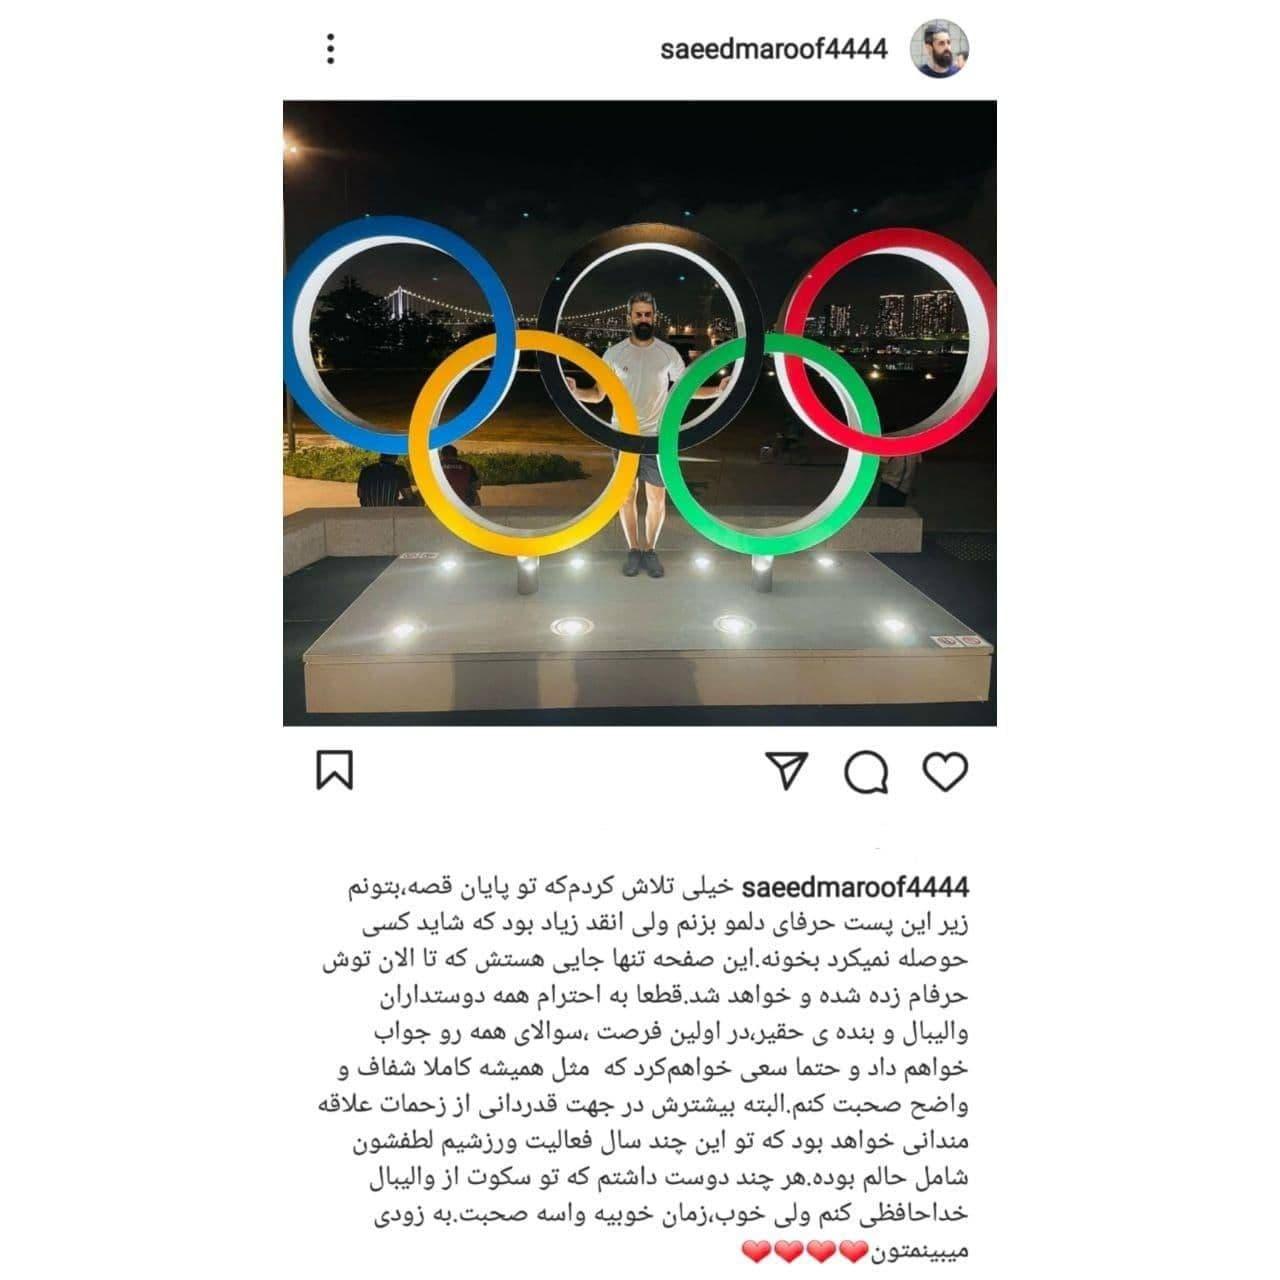 پیام خداحافظی سعید معروف